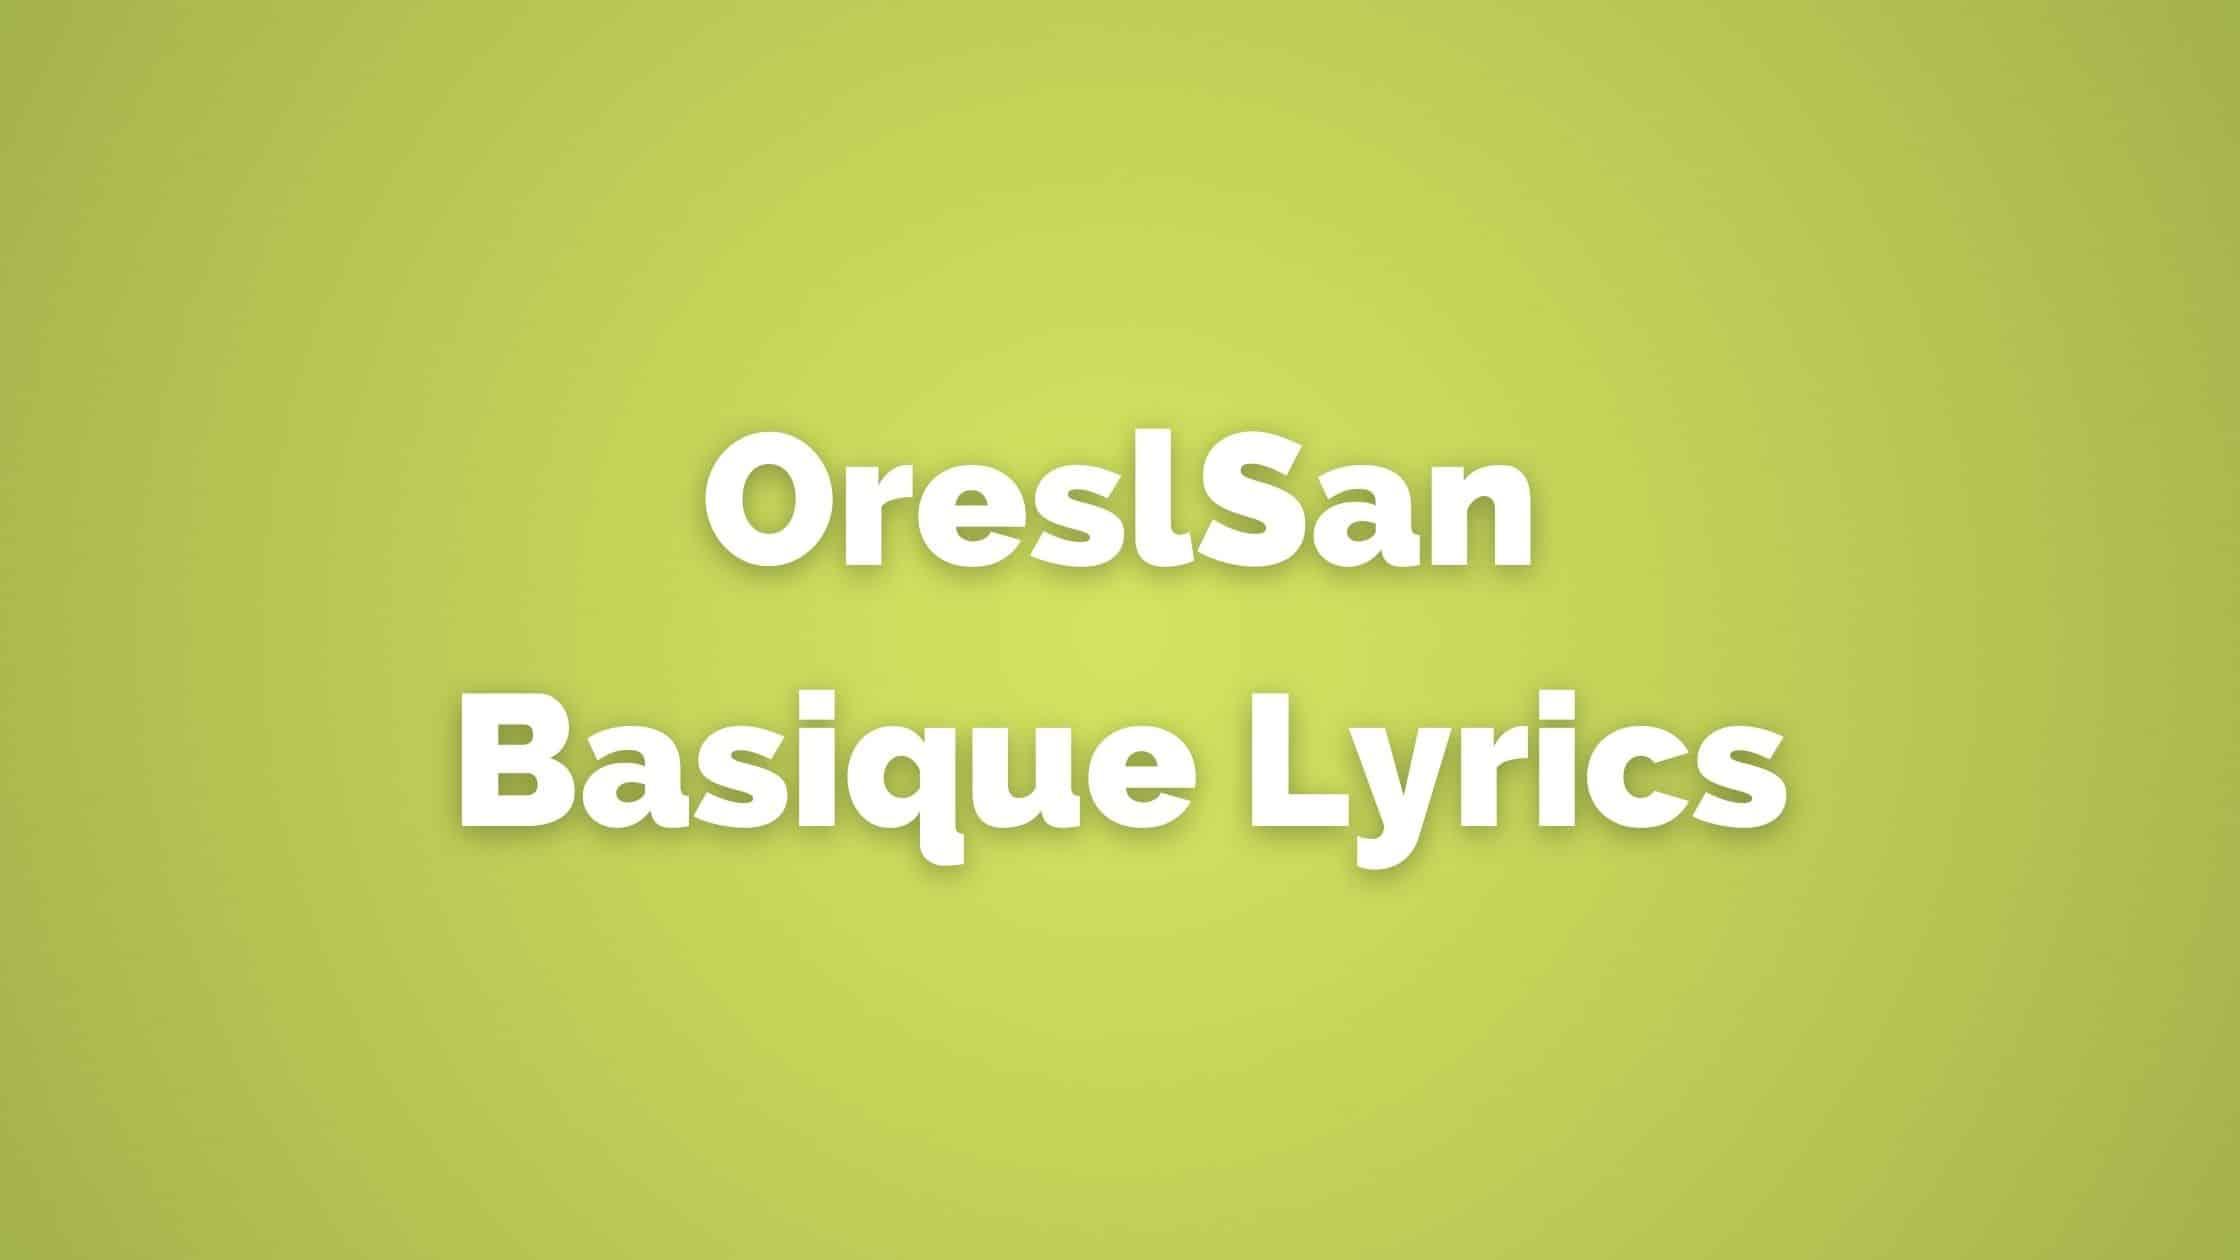 OrelSan - Basique lyrics translated into English - French